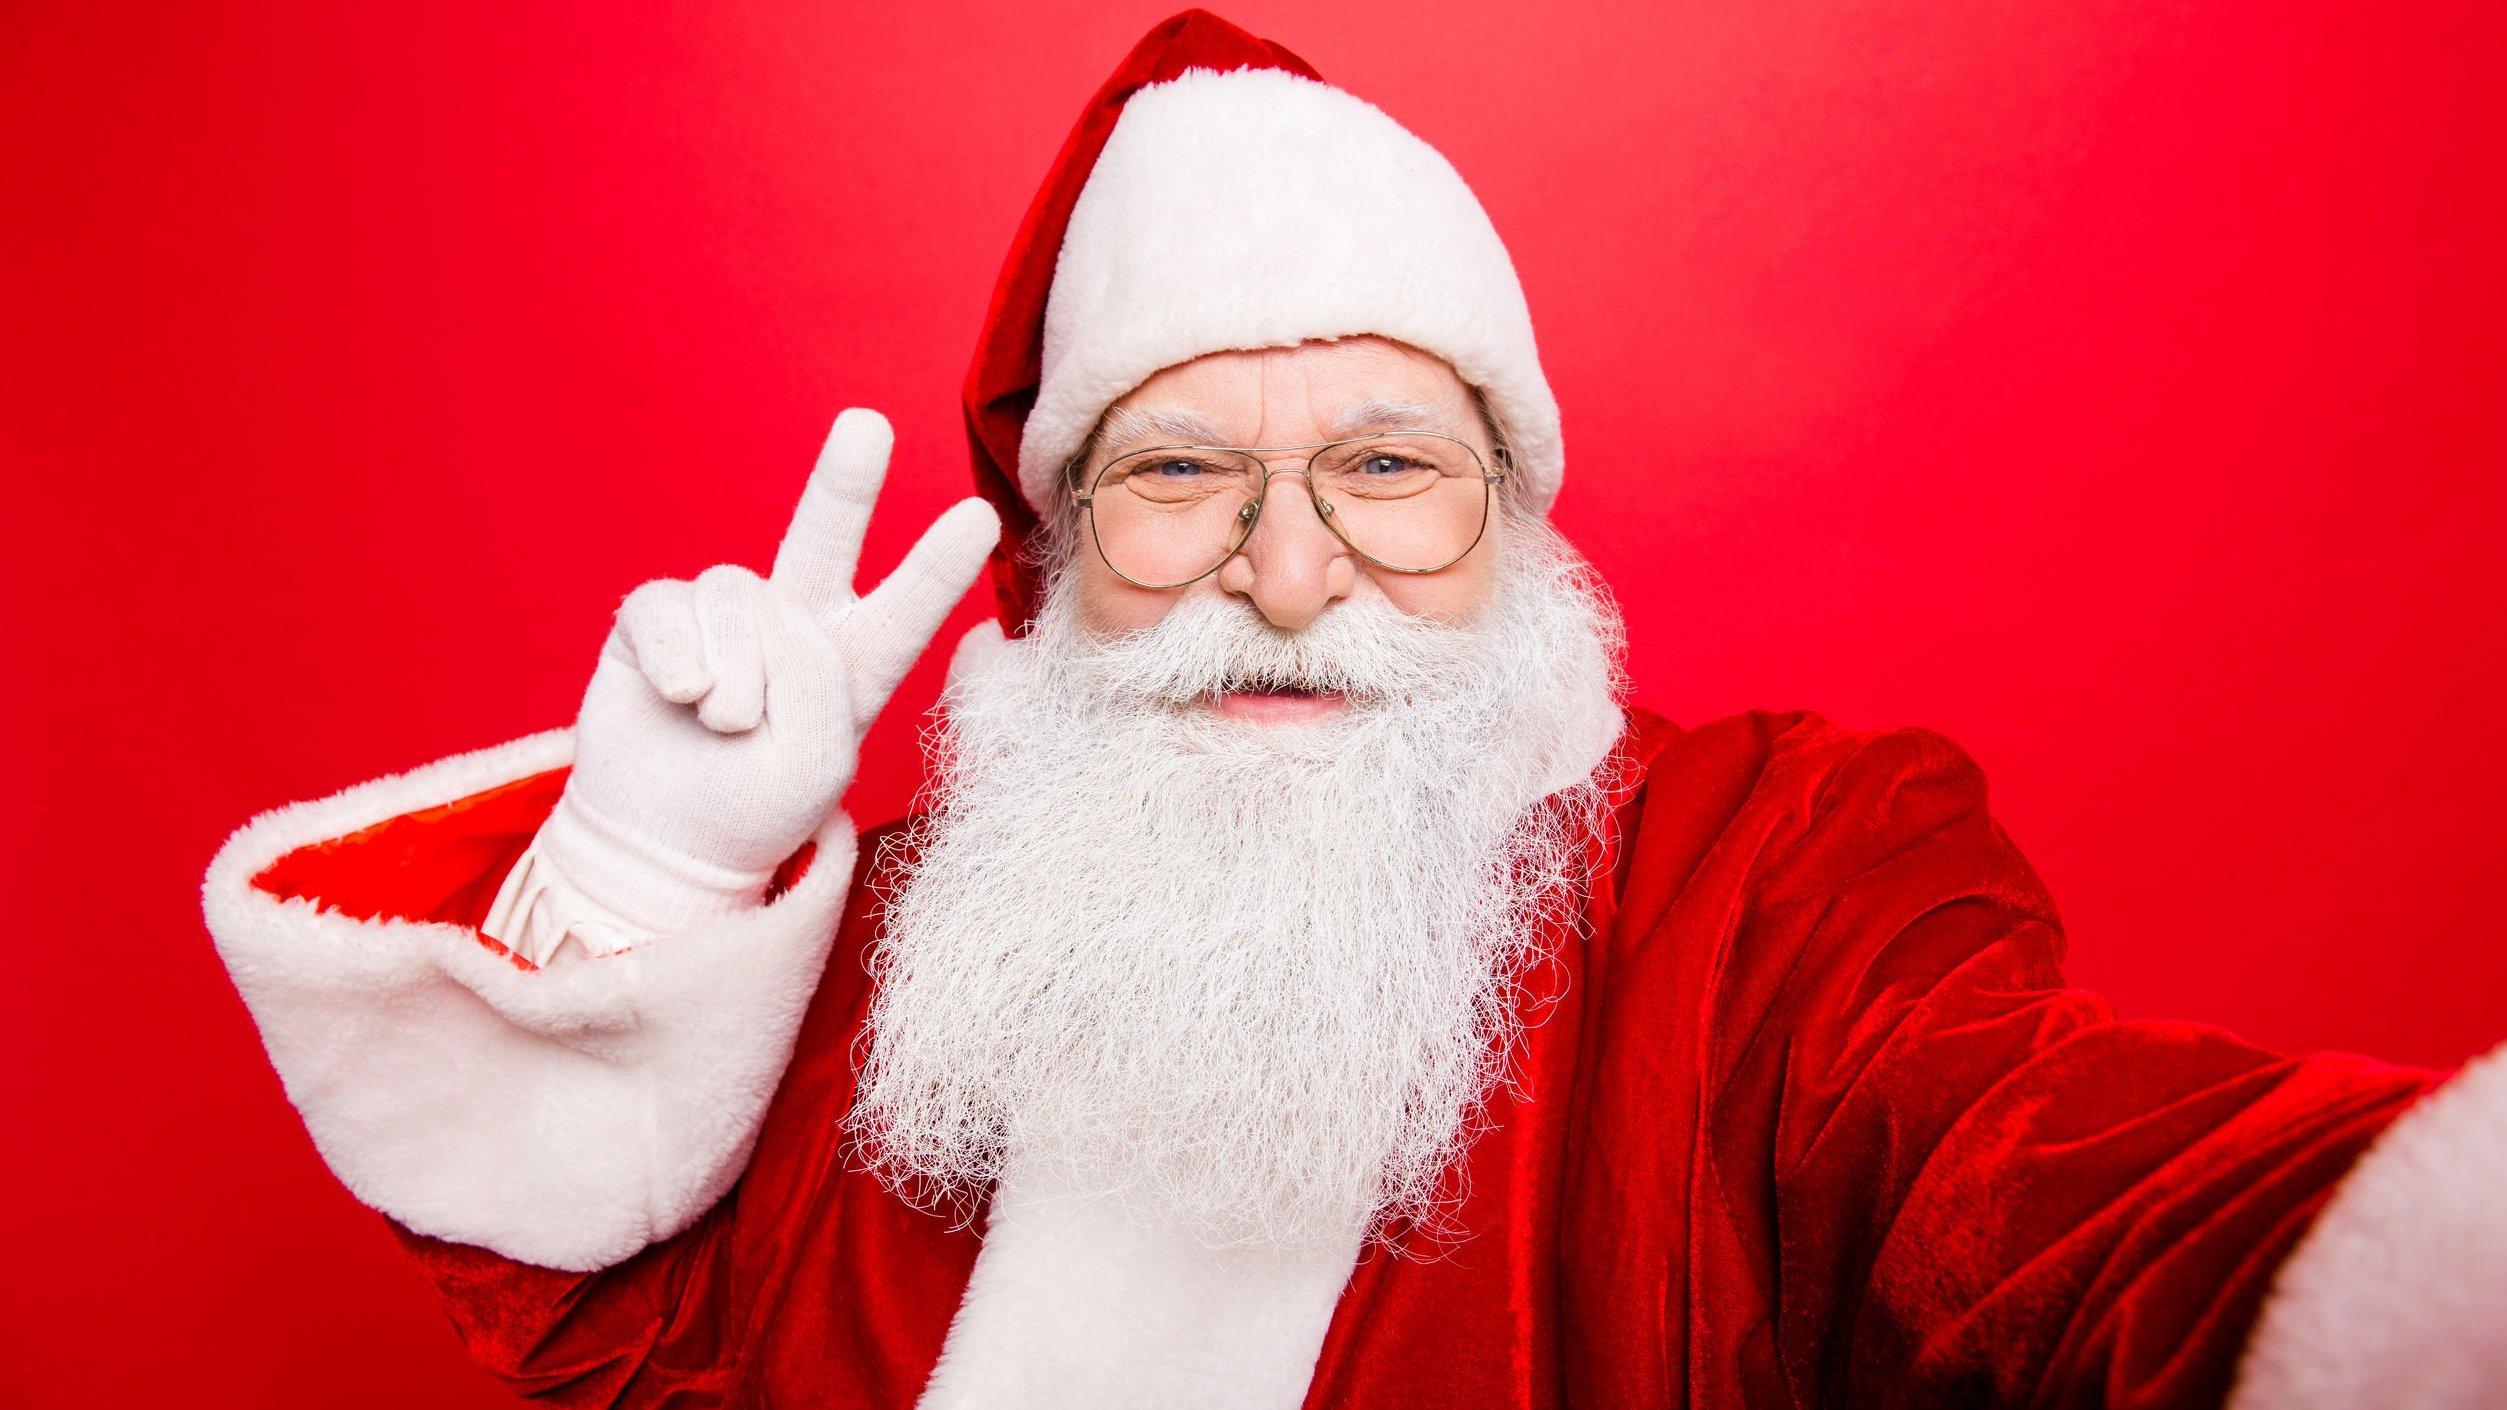 Papai noel fazendo sinal da paz com os dedos, tirando selfie